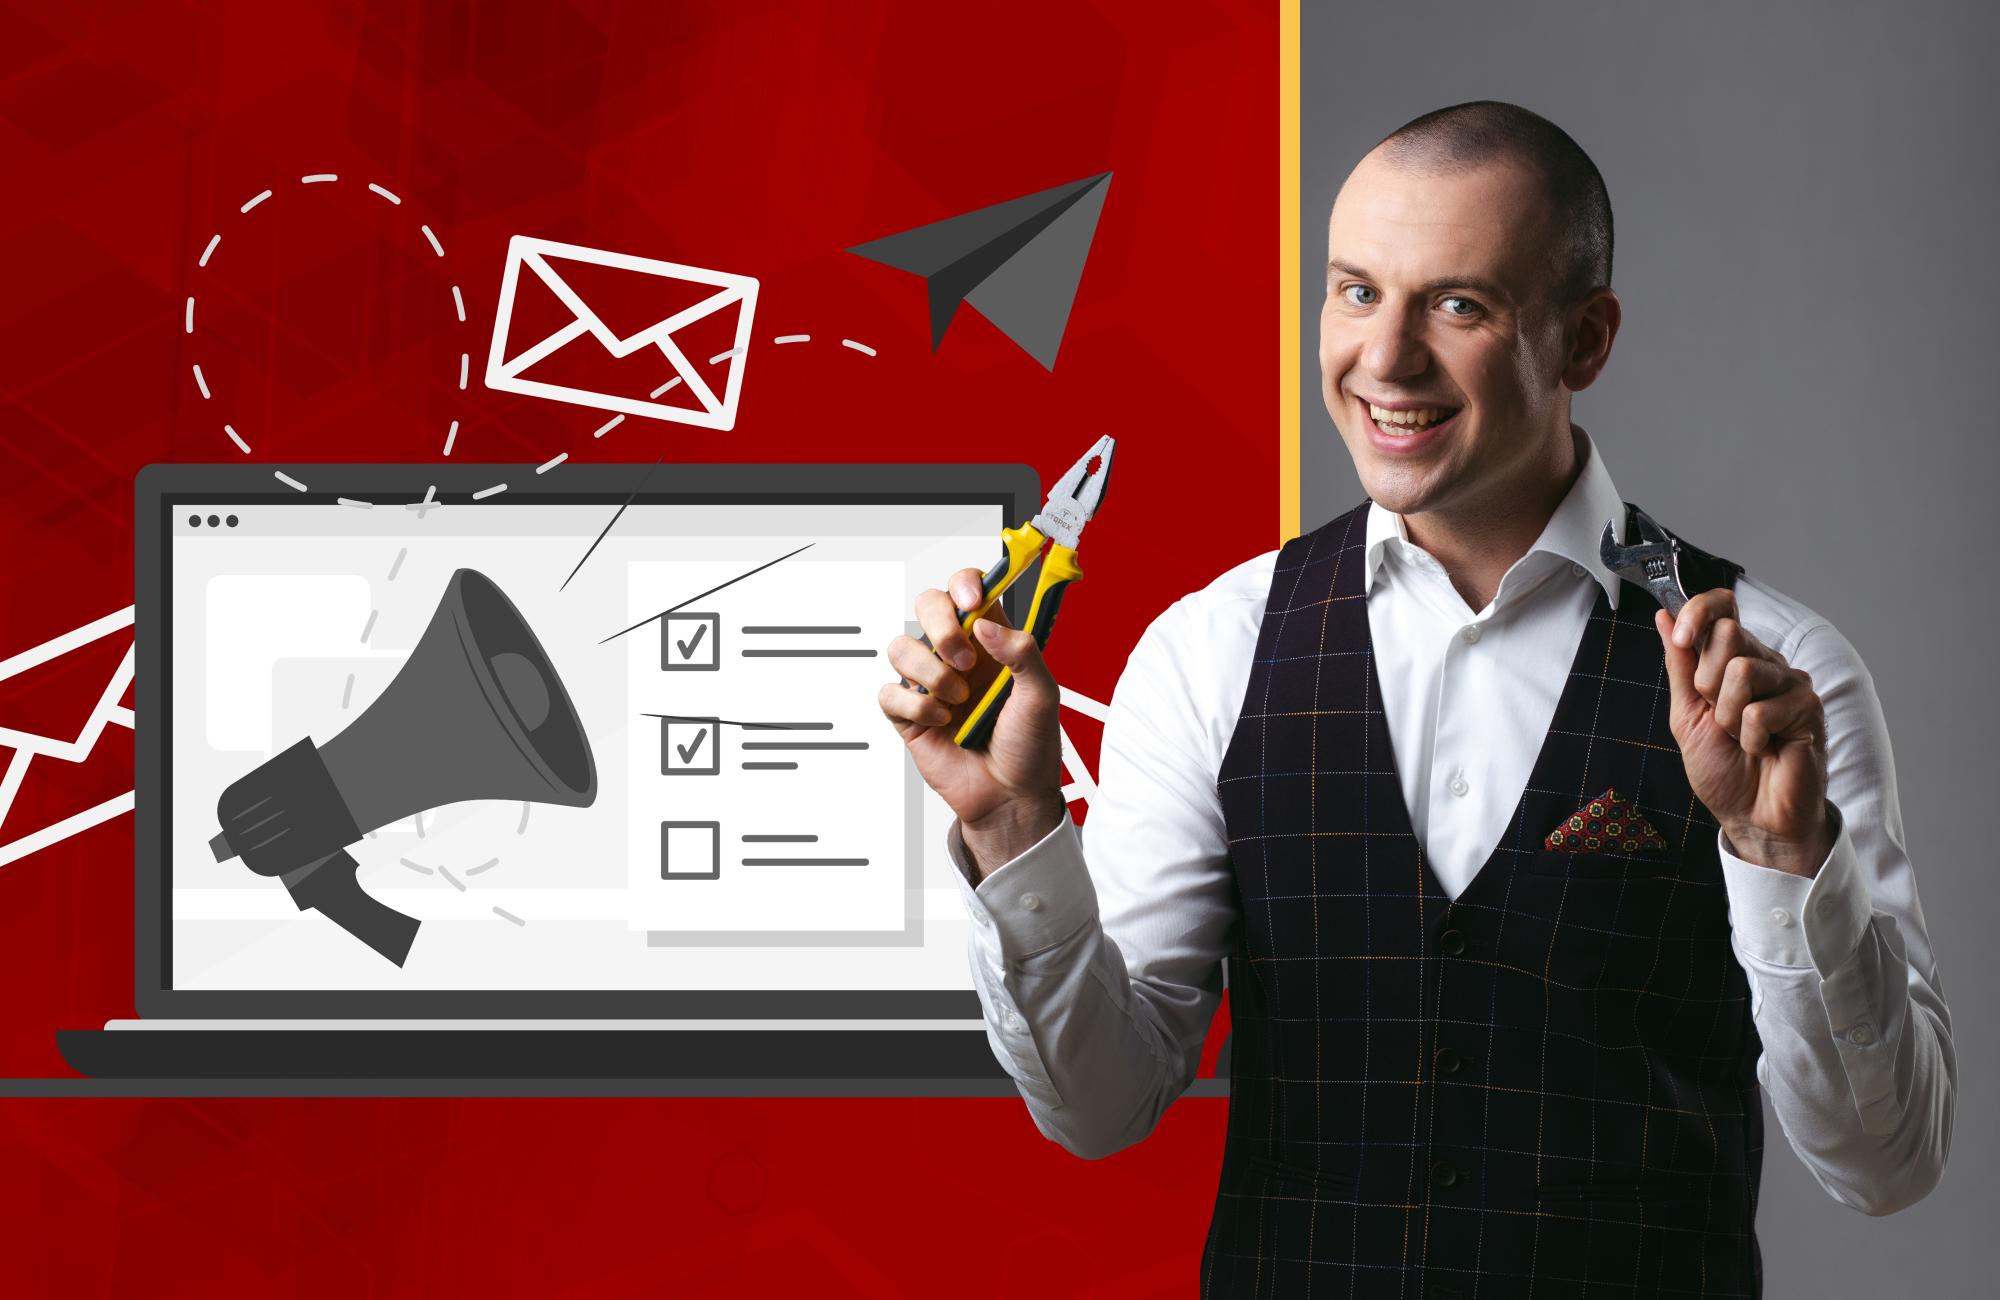 Jak przygotować skuteczną i dochodową kampanię Twojego e-produktu… bez płaczu, lamentu i pracy po nocach.